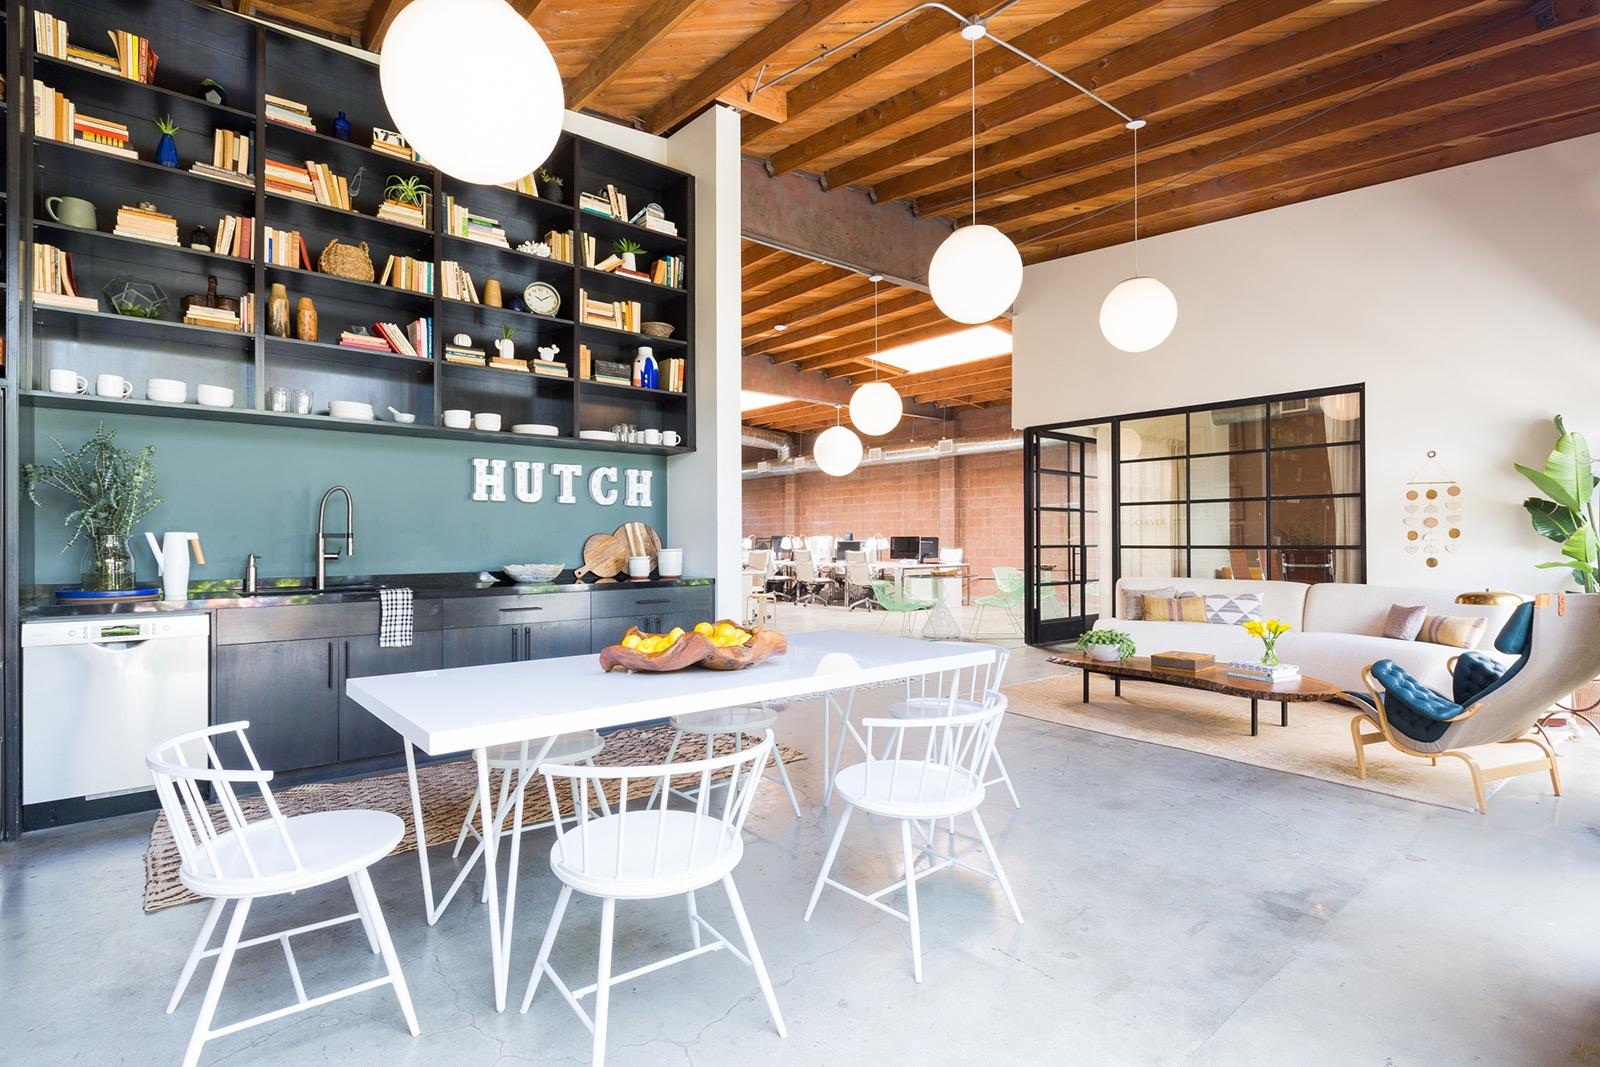 hutch-la-headquarters-5